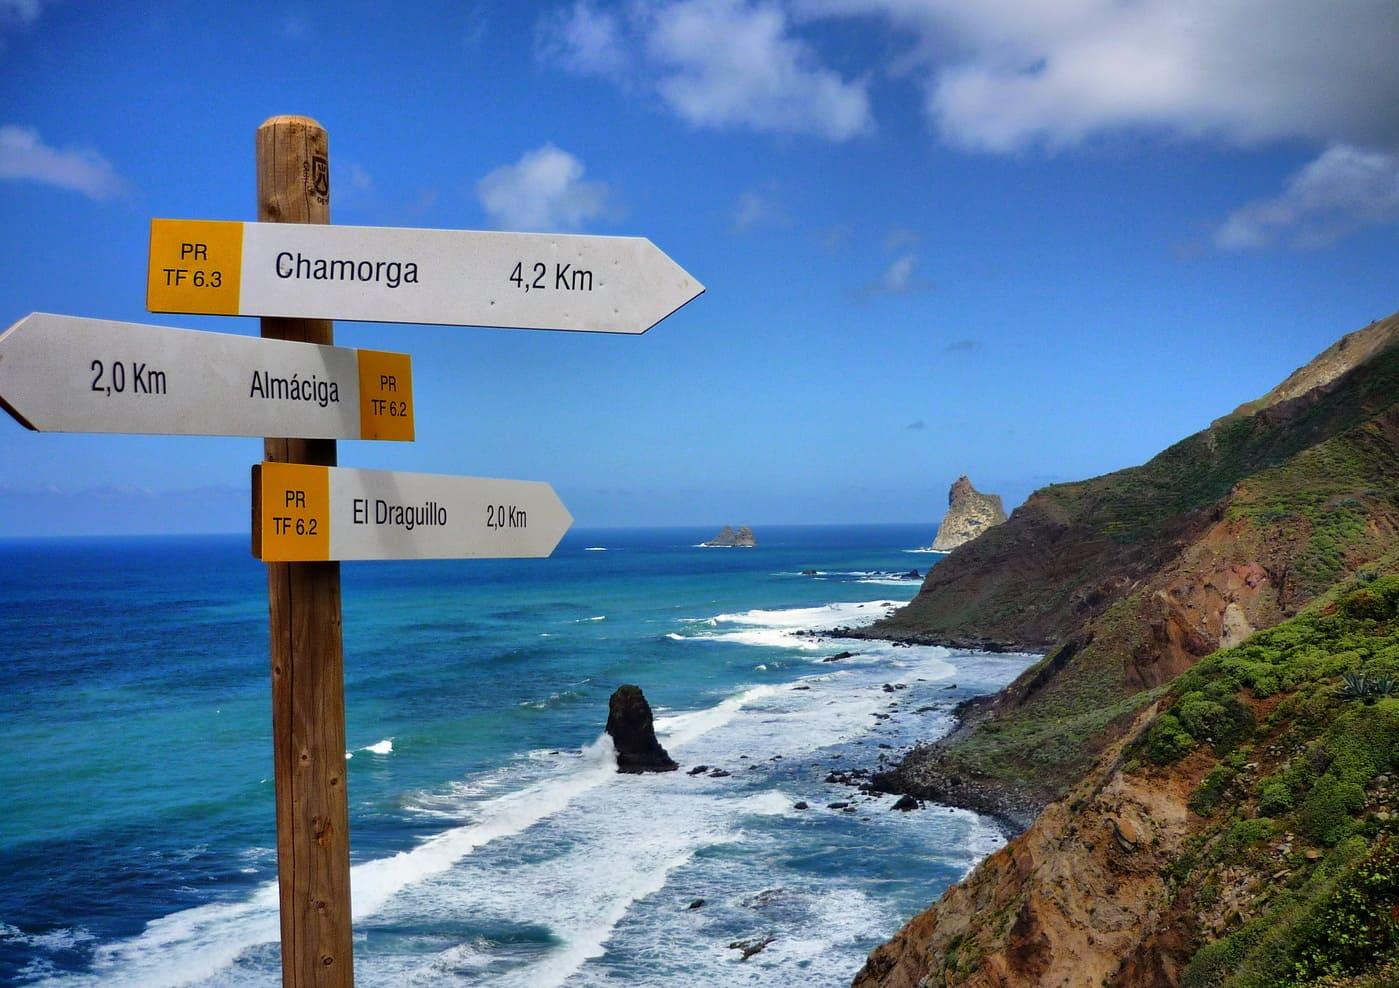 baobab suites senderos tenerife - Un paseo por los senderos de Tenerife más impresionantes